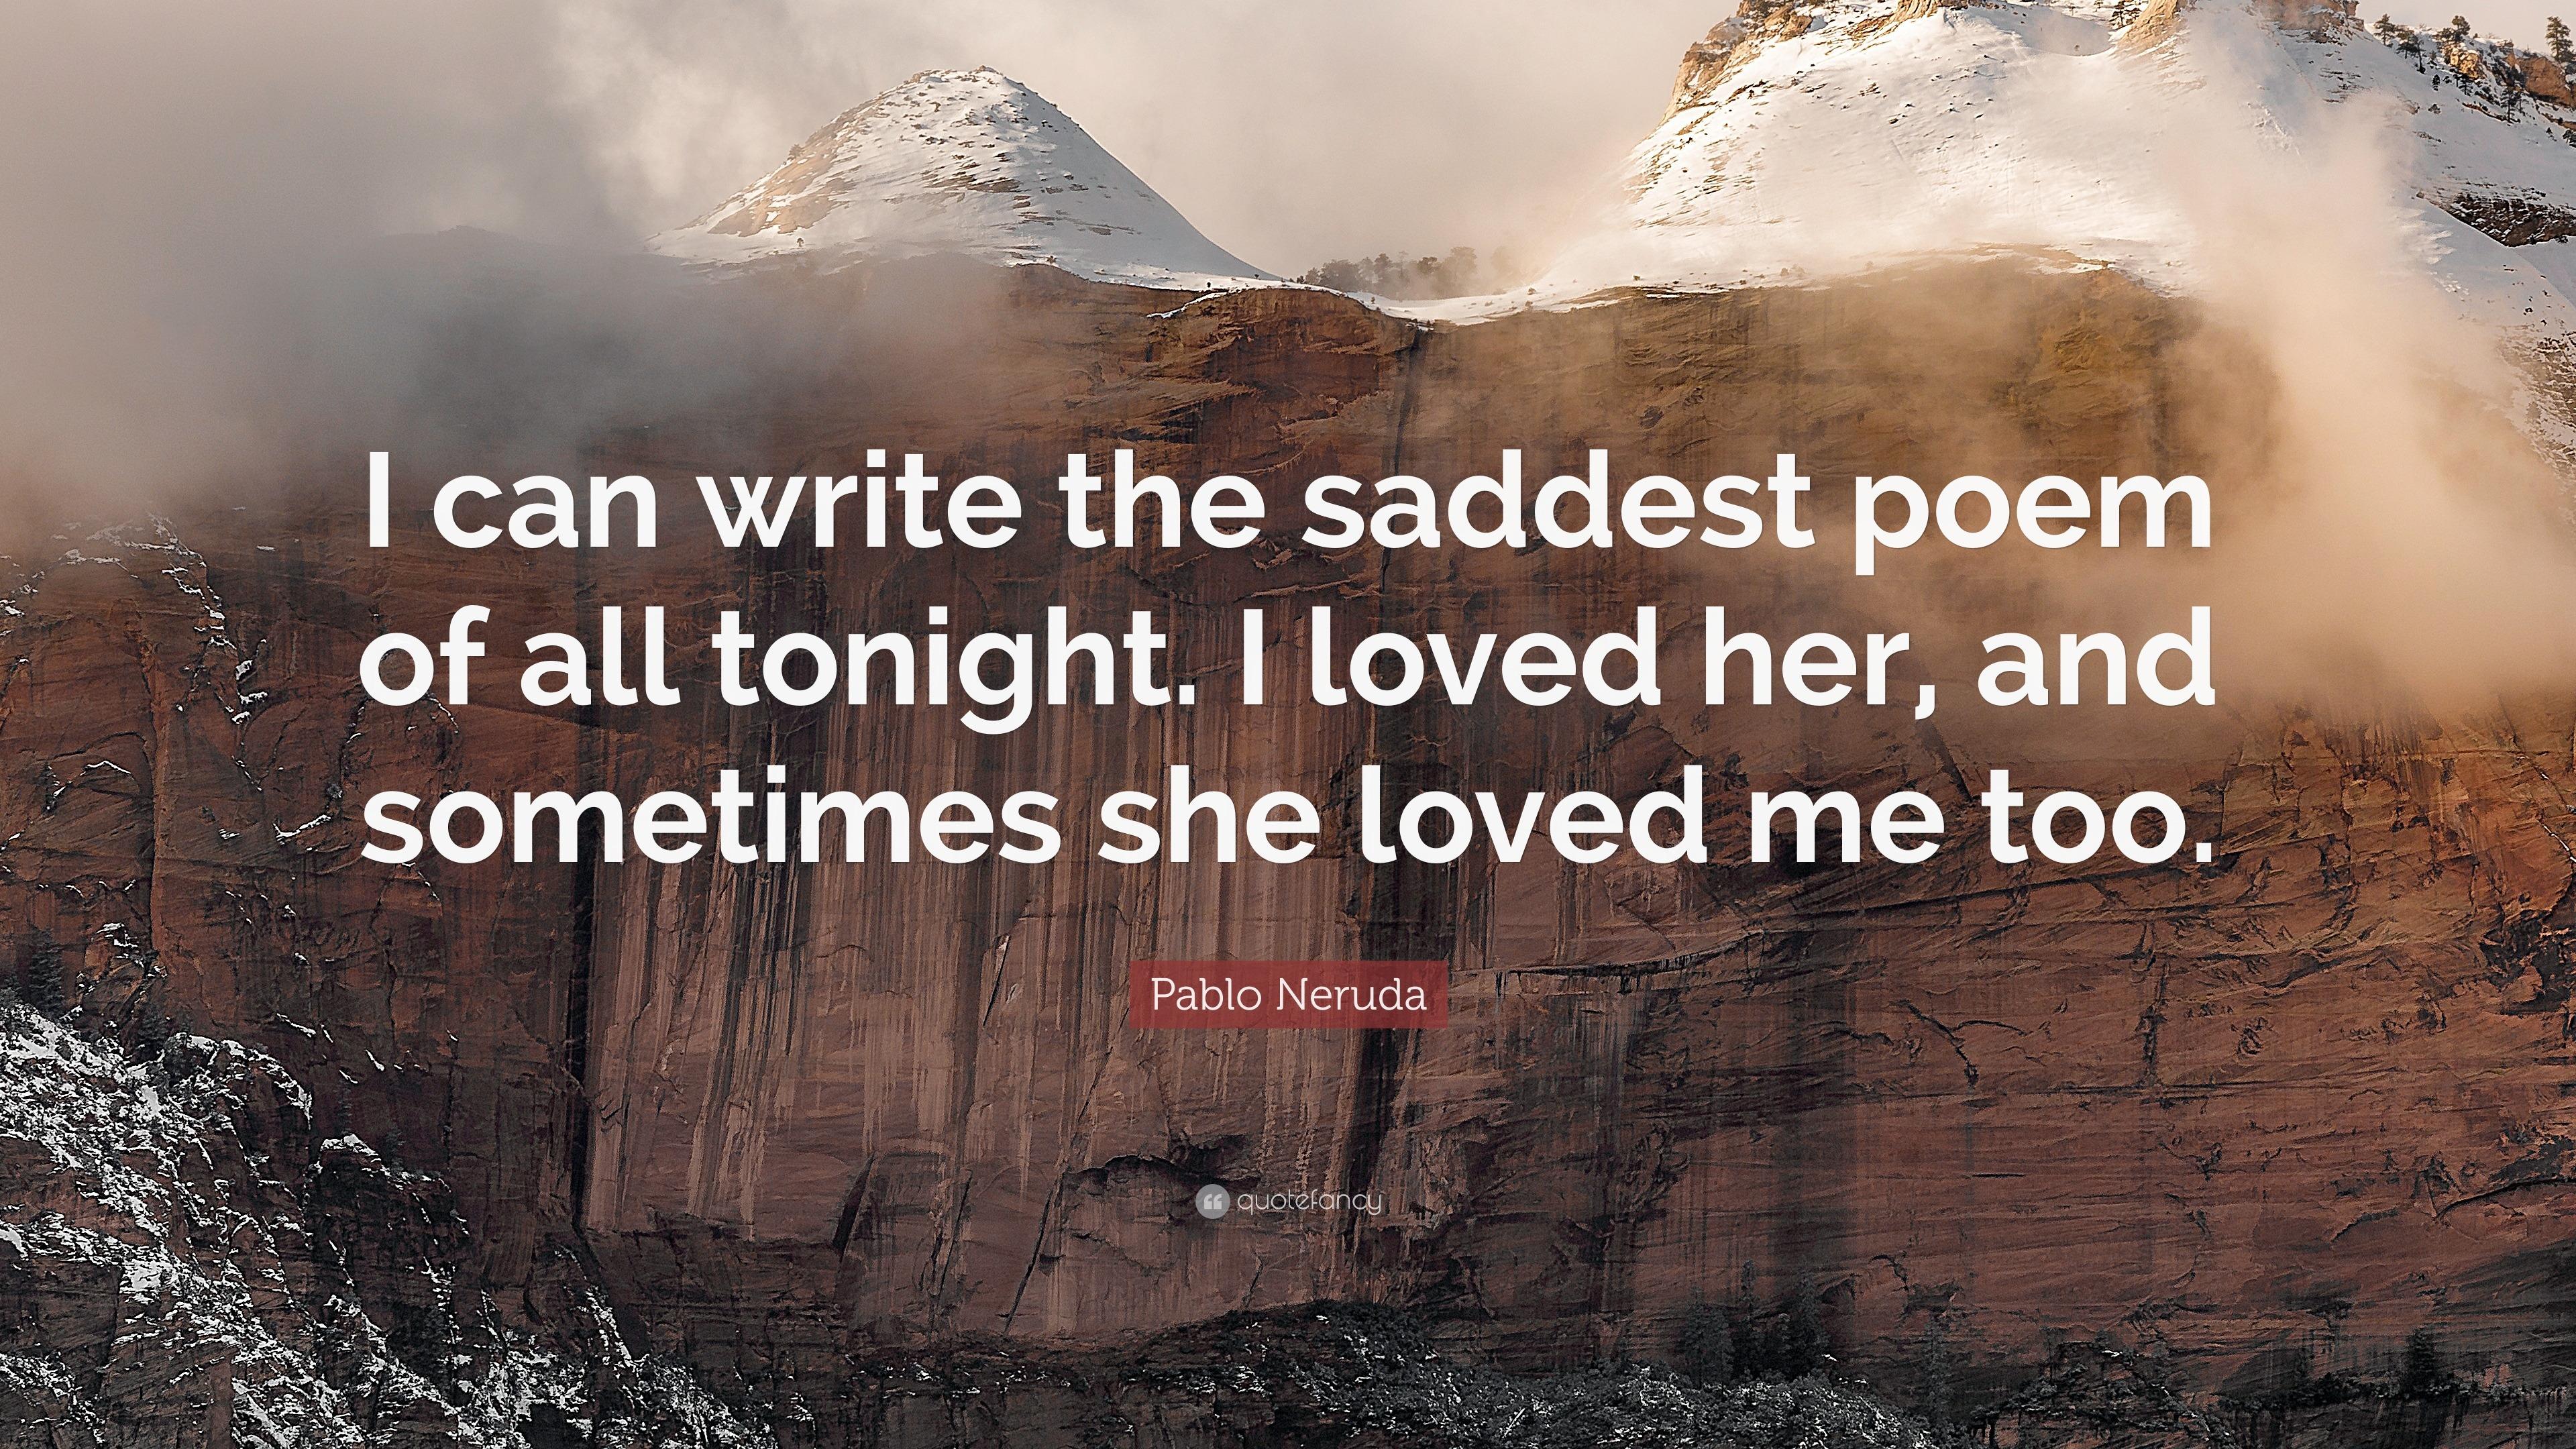 tonight i can write the saddest Pablo neruda puedo escribir los versos más tristes esta noche escribir, por ejemplo: 'la noche está estrellada, y tiritan, azules, los astros, a lo lejos.